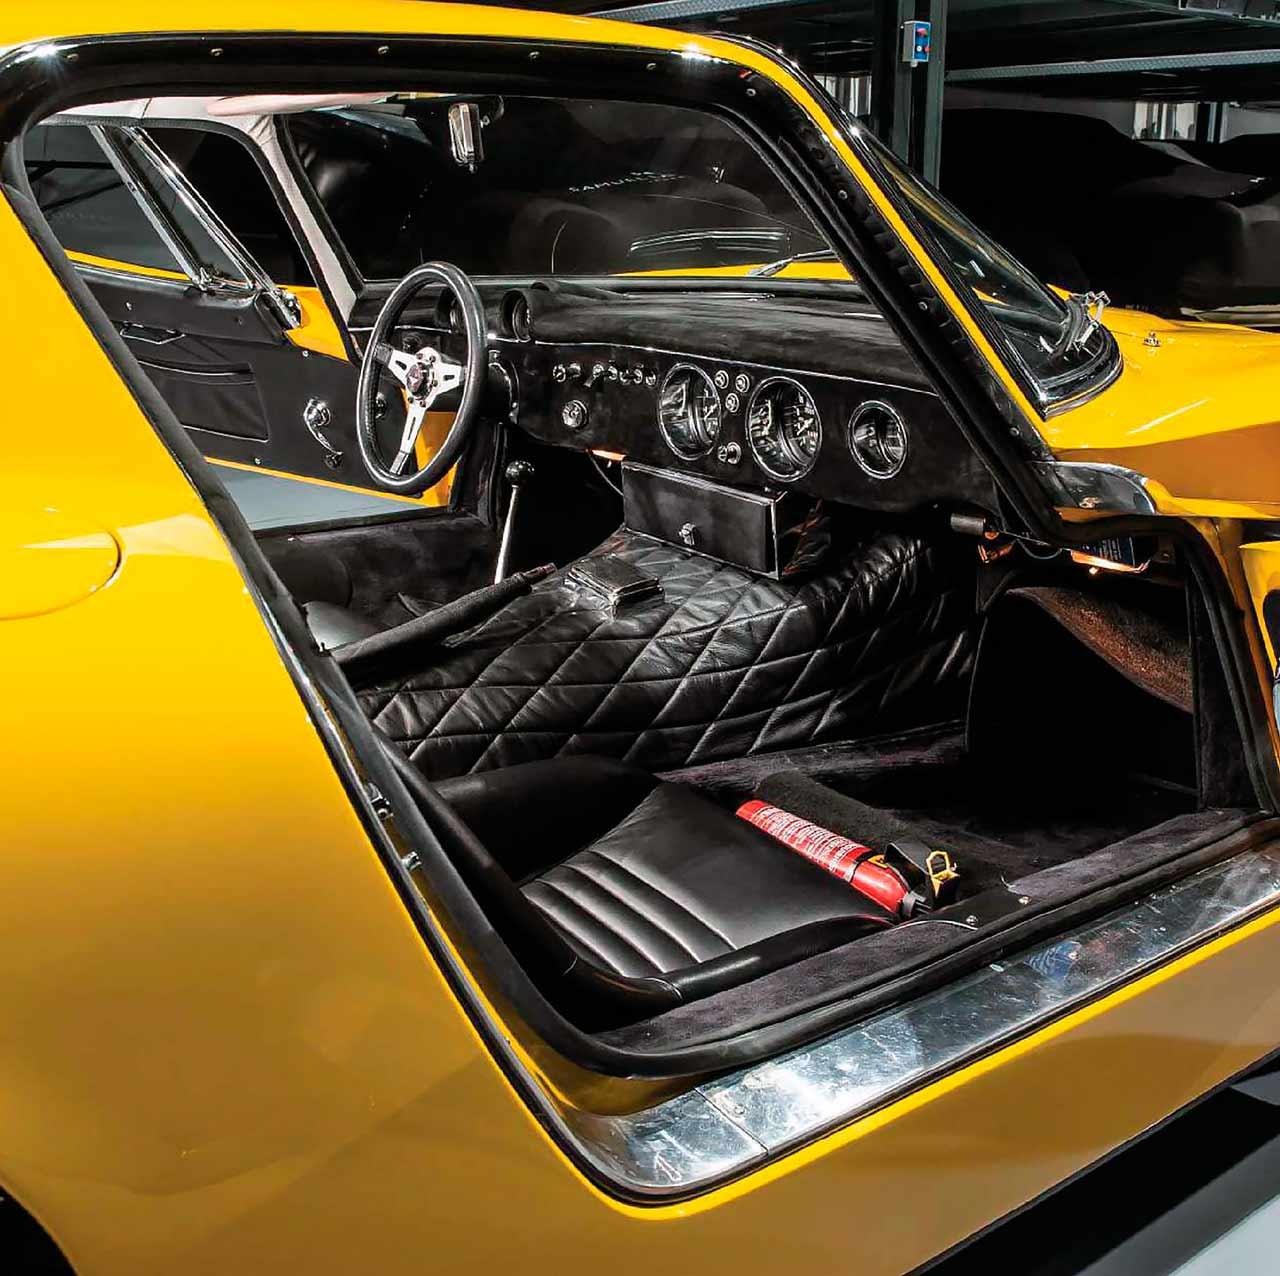 1966 Bizzarrini 5300 GT Strada interior